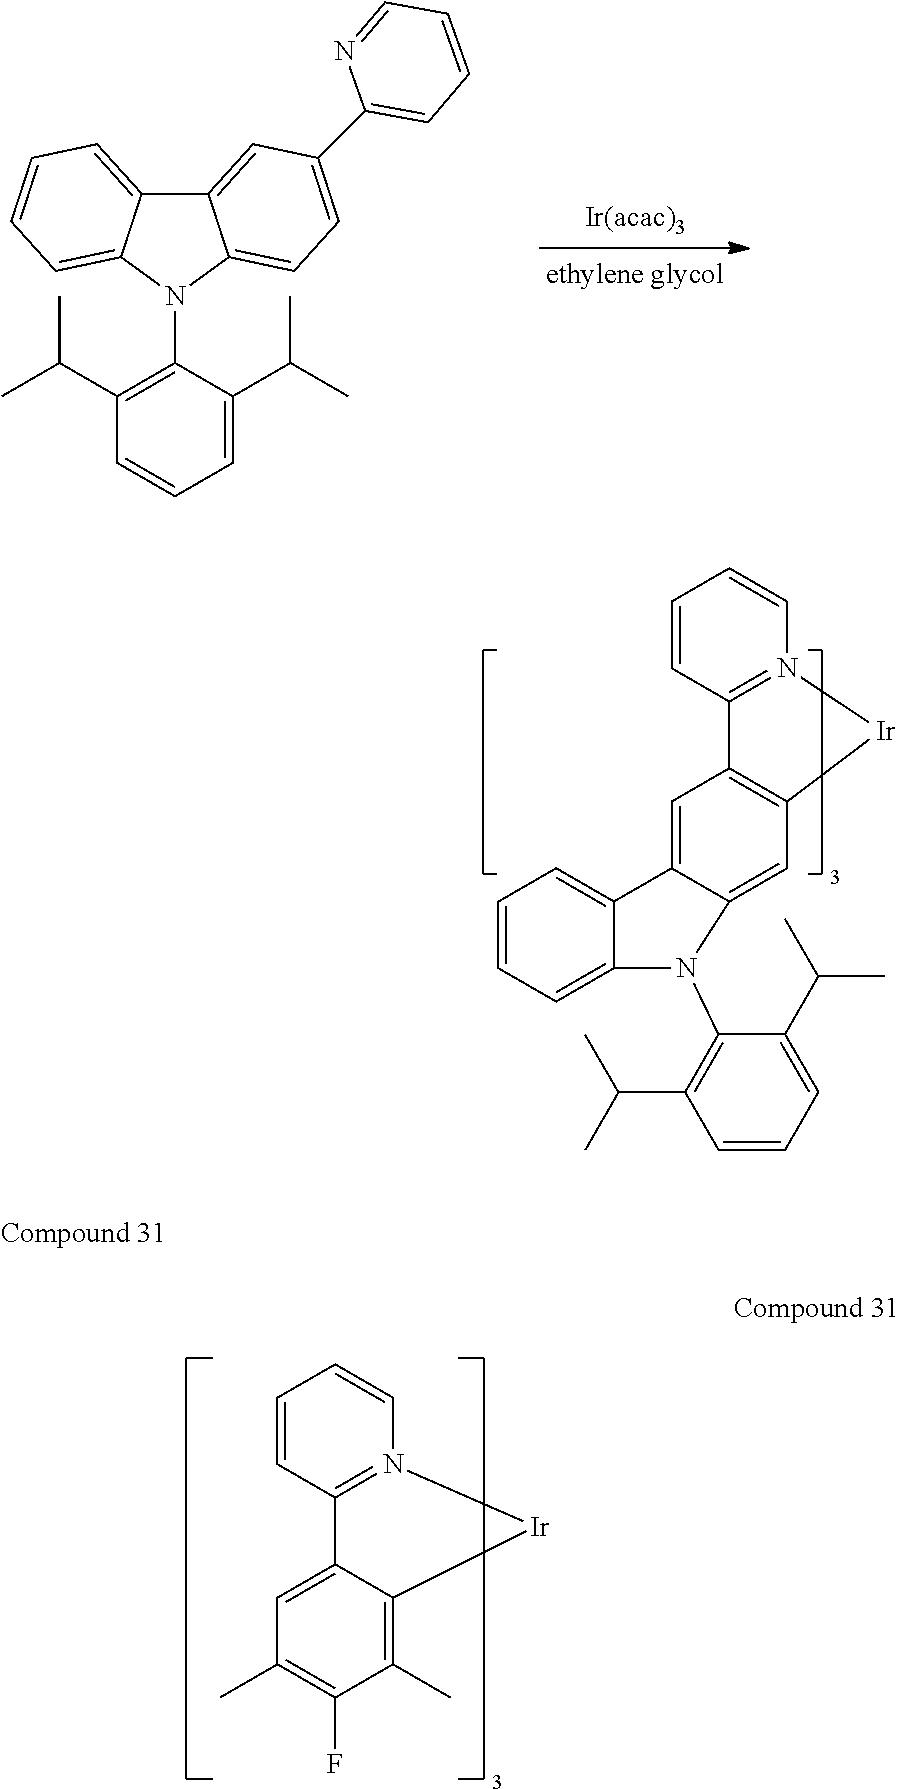 Figure US09899612-20180220-C00148